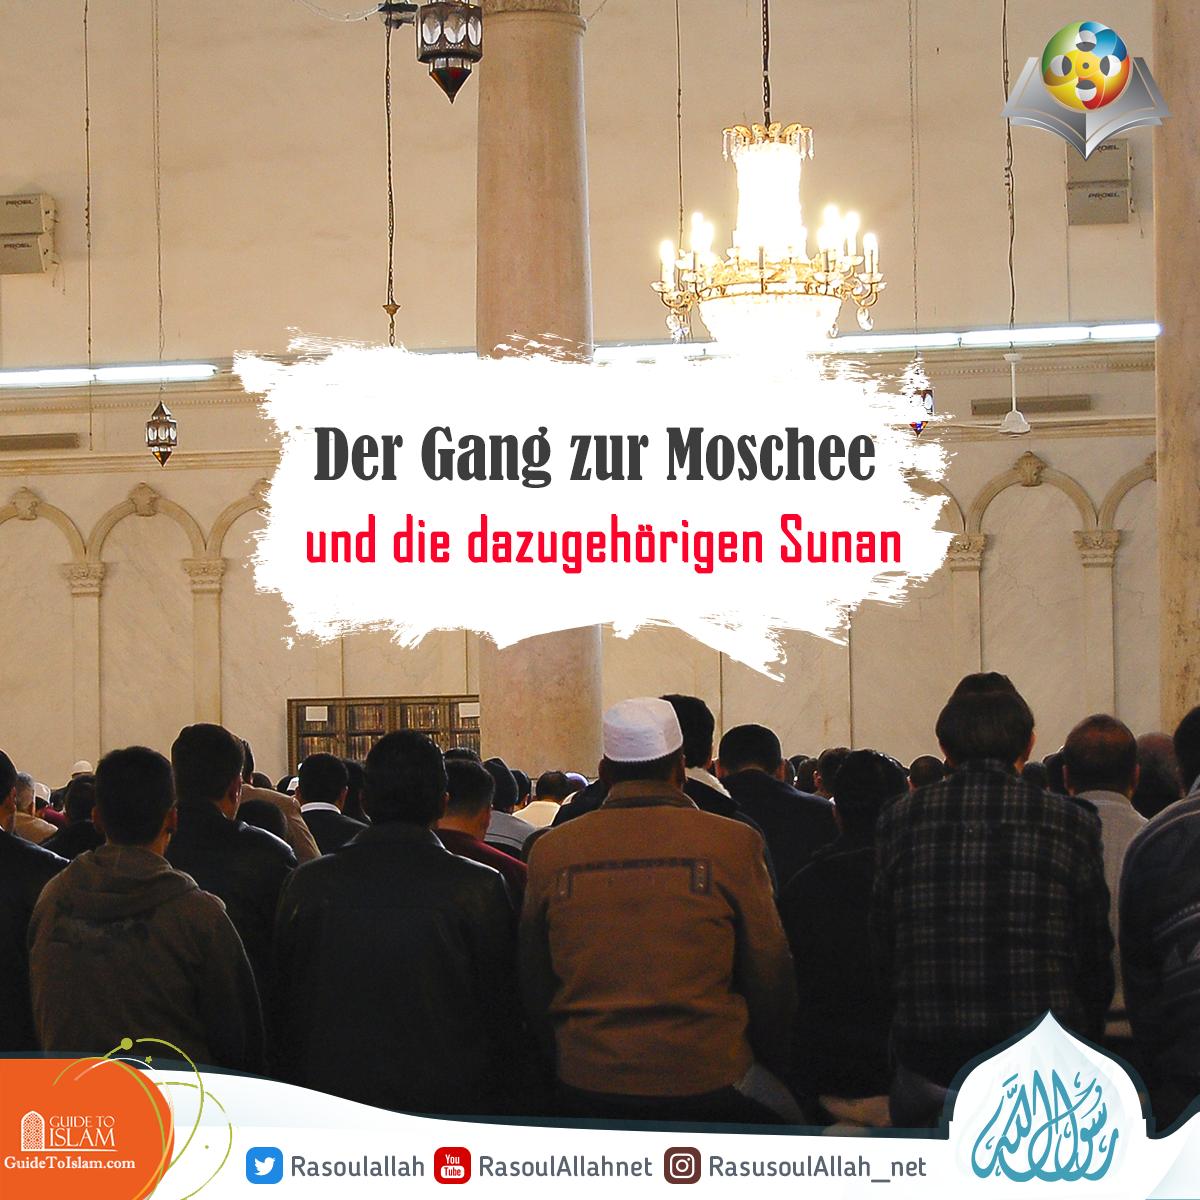 Der Gang zur Moschee und die dazugehörigen Sunan